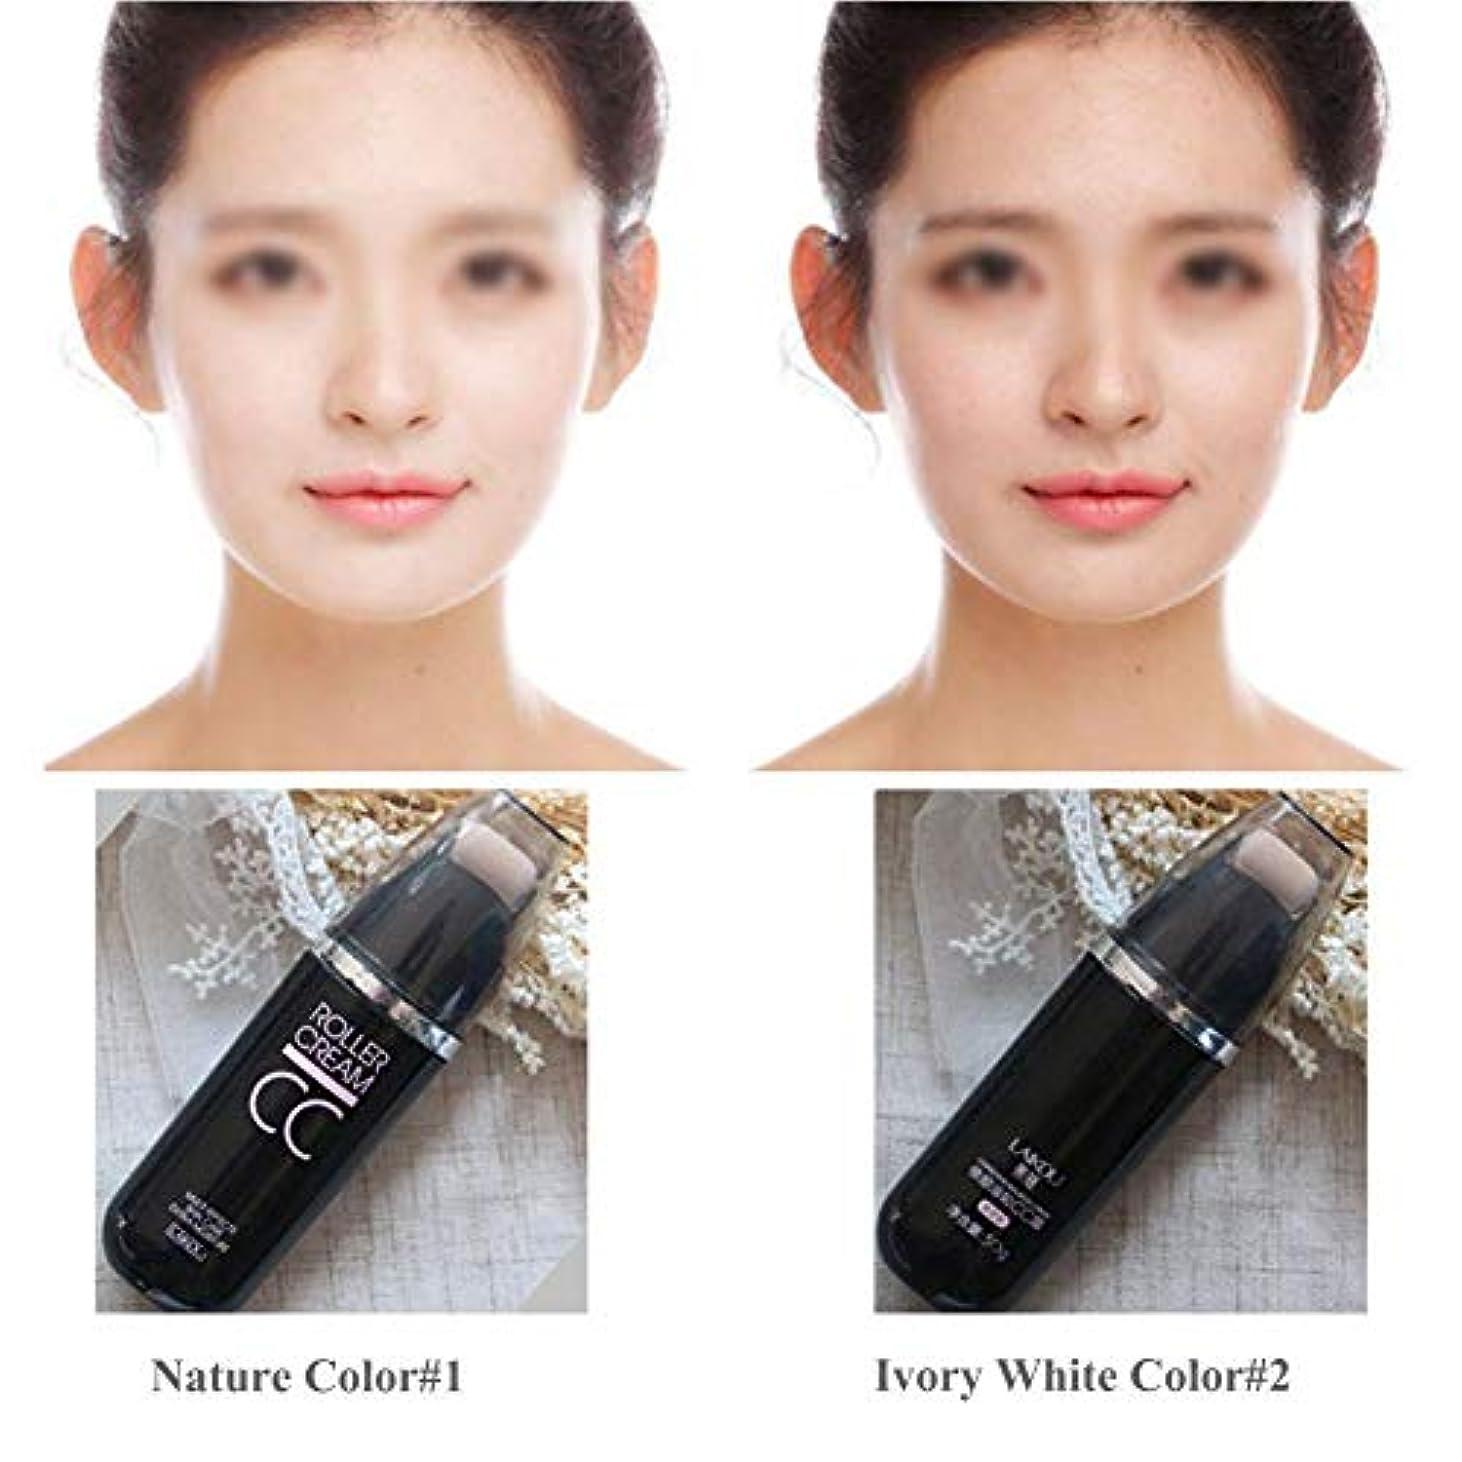 タイプスタジオ冗長化粧ベース、BBクリームエアクッションBBクリームは肌を明るくし、シミや毛穴を覆い、絶妙な外観を作り出します。防水コンシーラーファンデーション(#2)